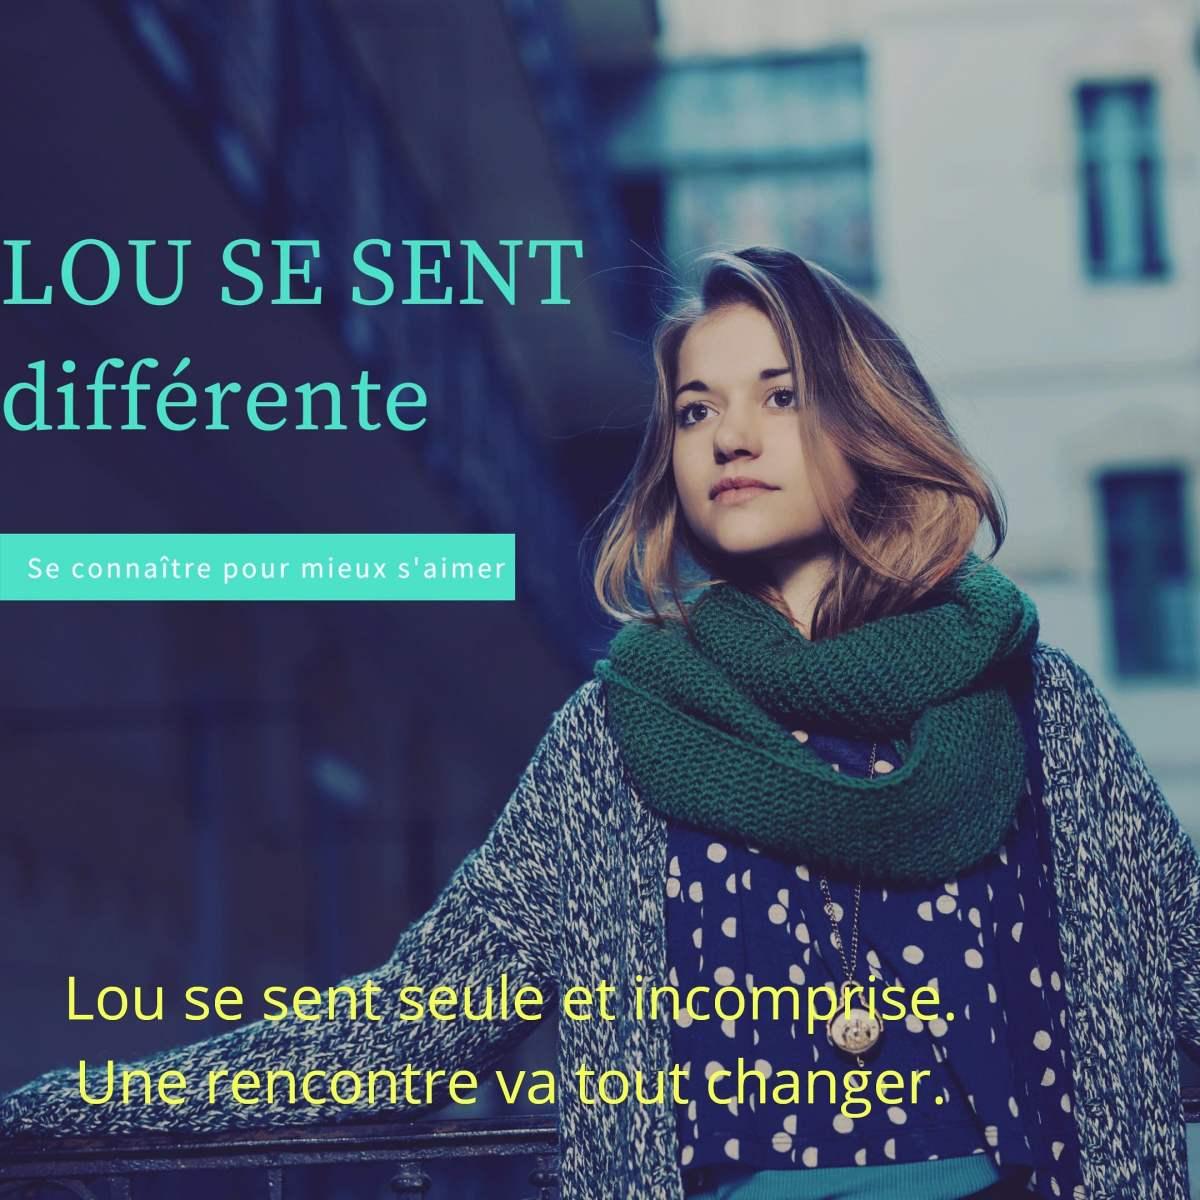 """Couverture avec une photo d'une jeune fille et le texte """"Lou se sent différente, se connaître pour mieux s'aimer."""""""